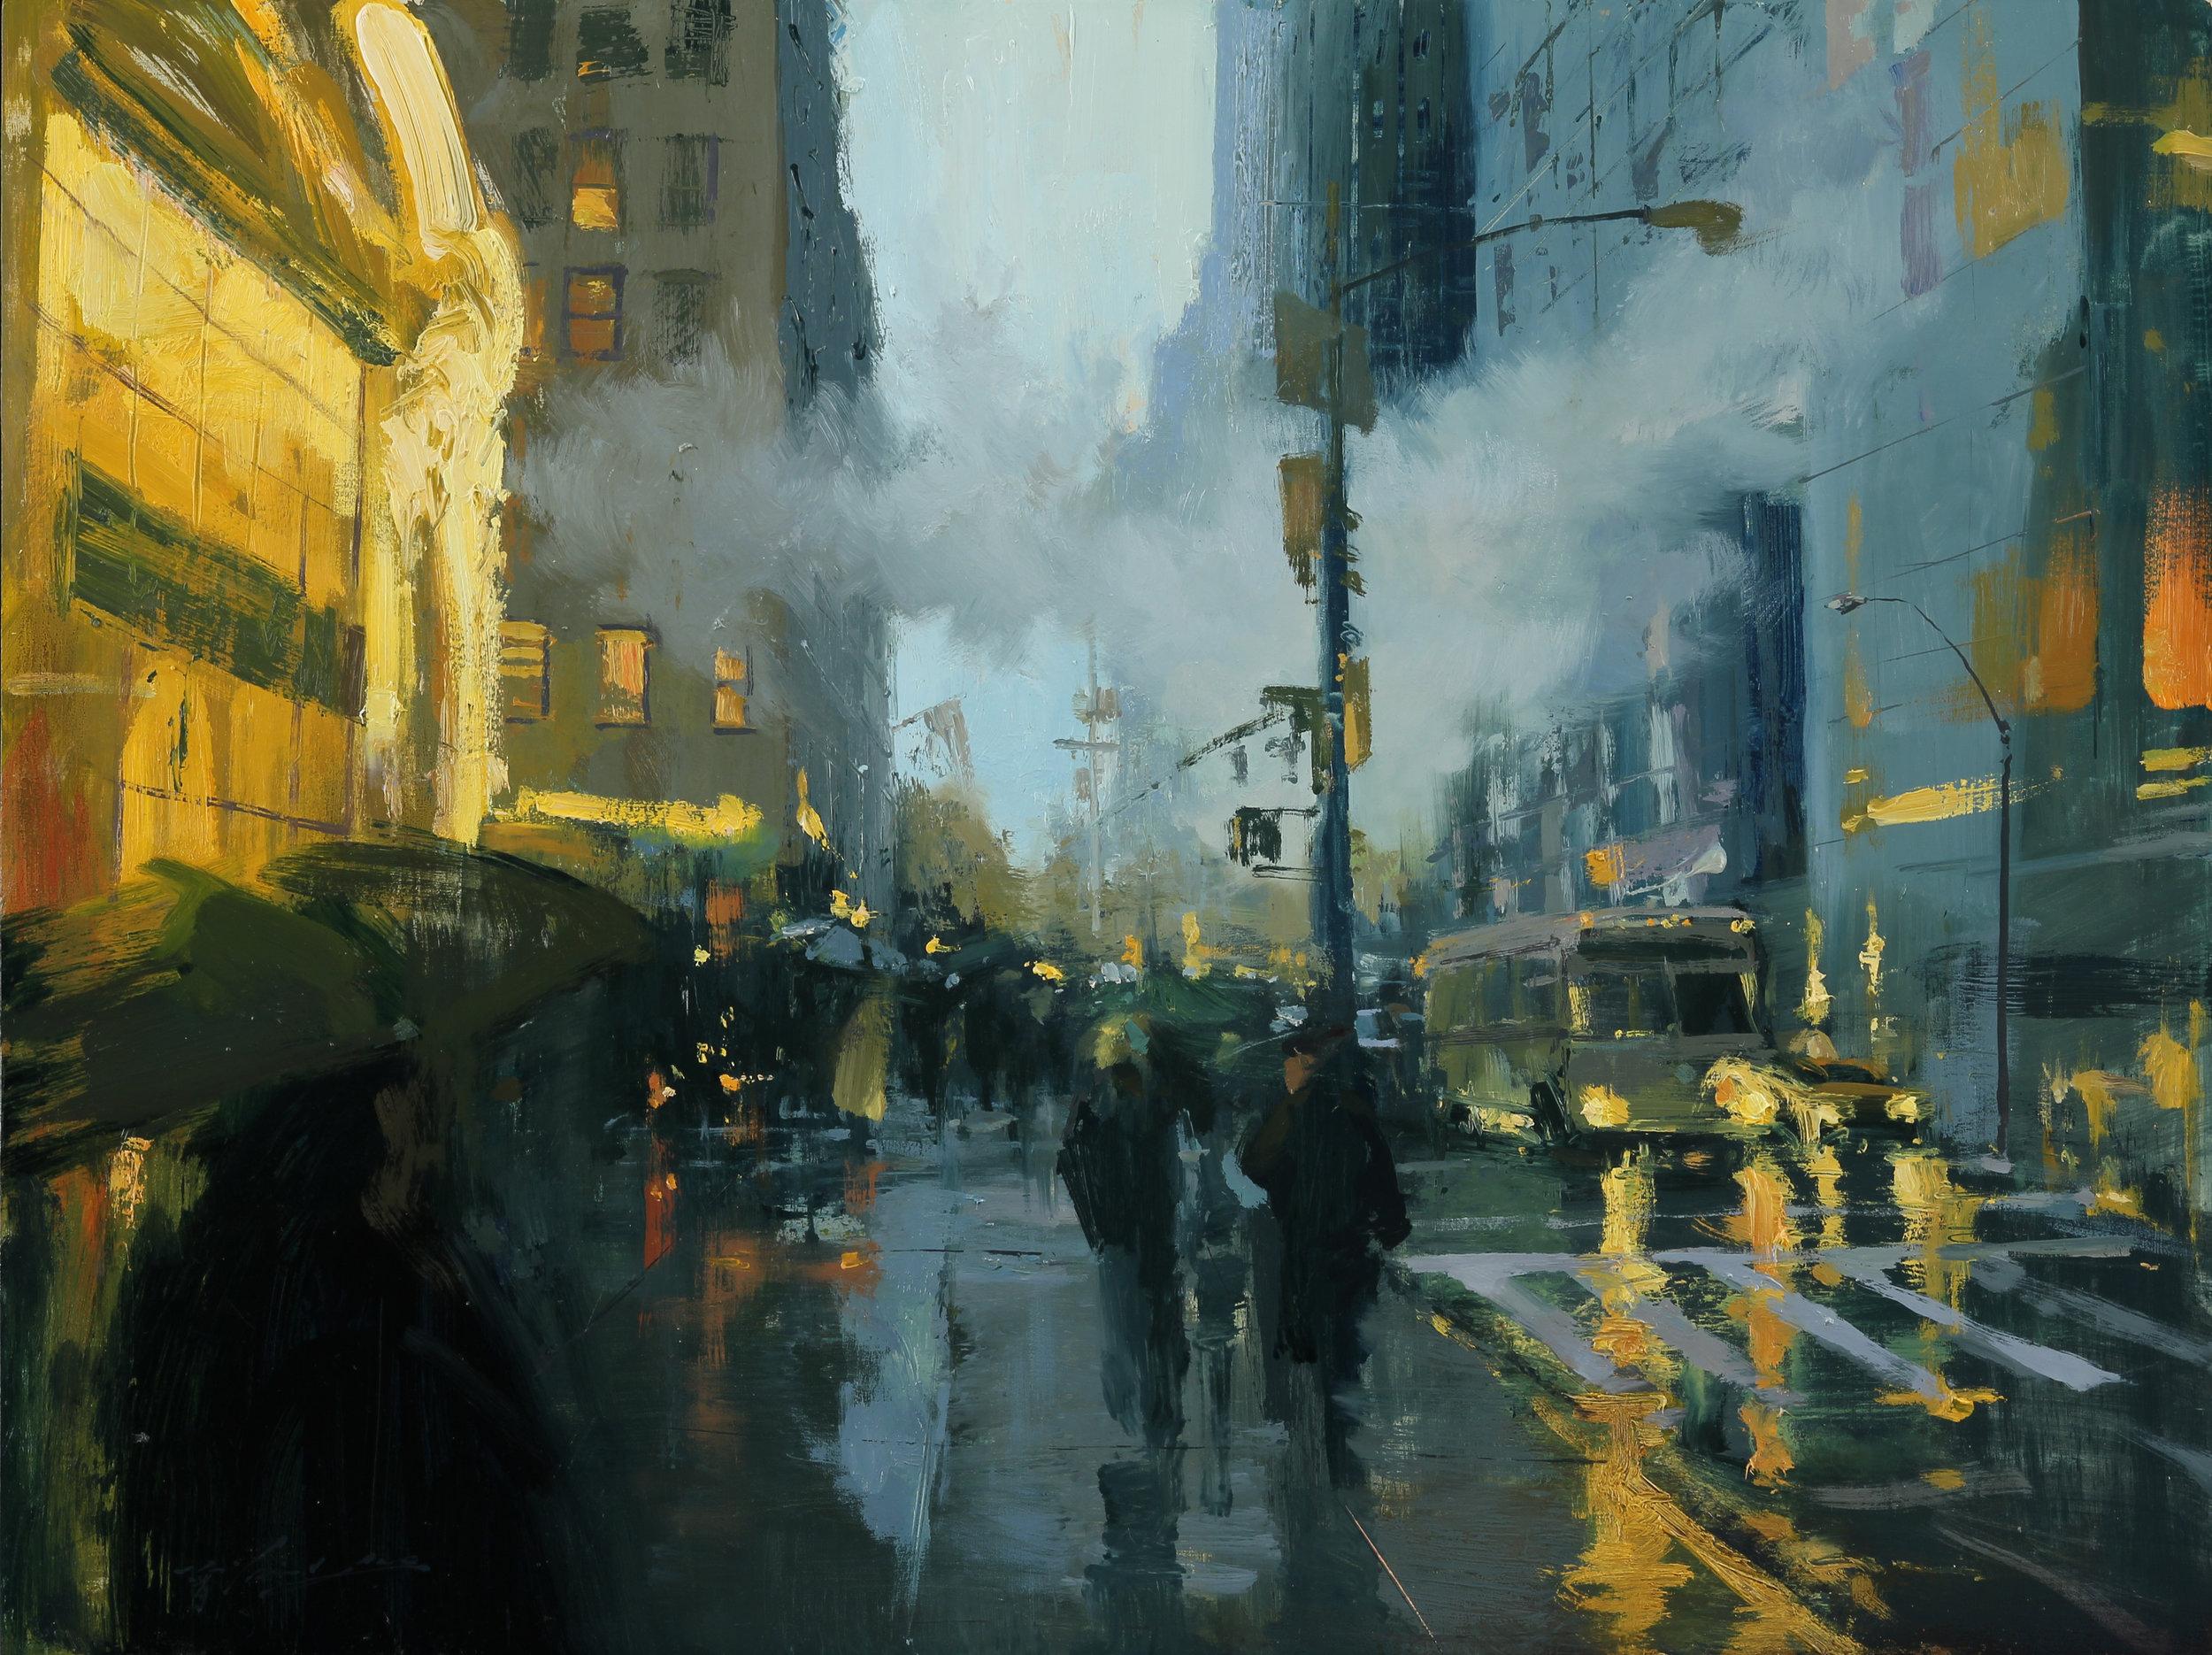 5th Avenue Steam